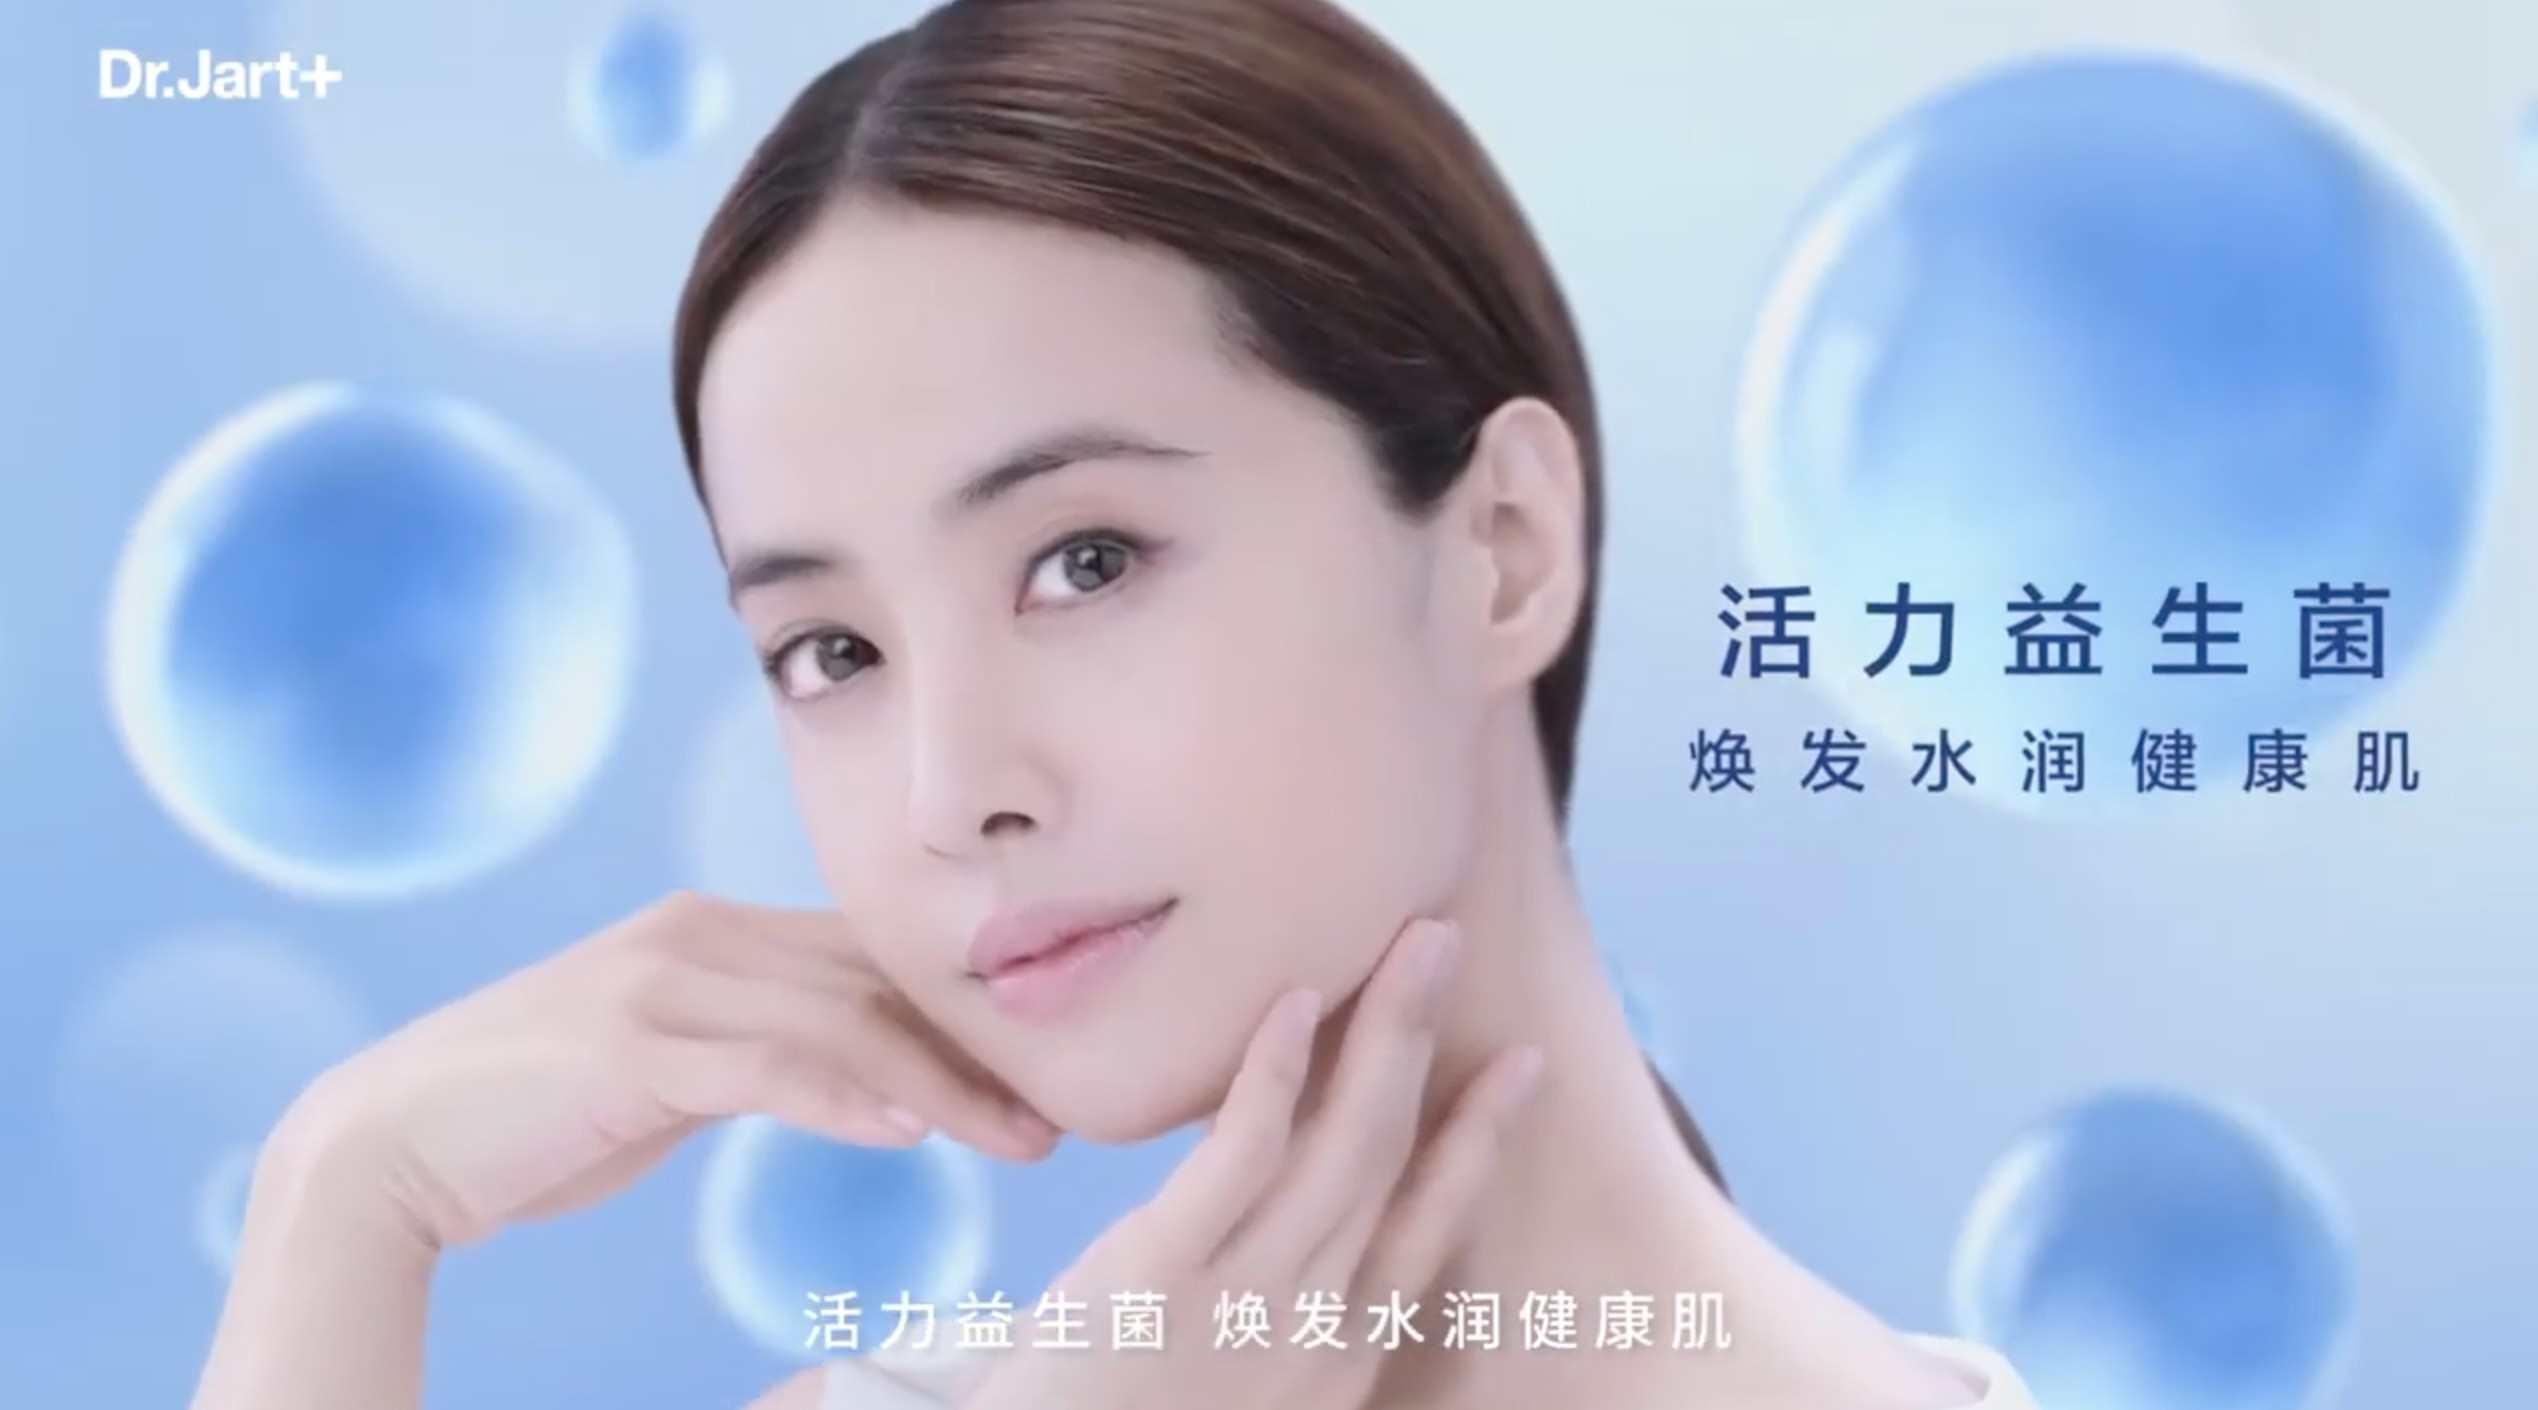 Dr.Jart+蒂佳婷 - 活力水潤益生菌系列